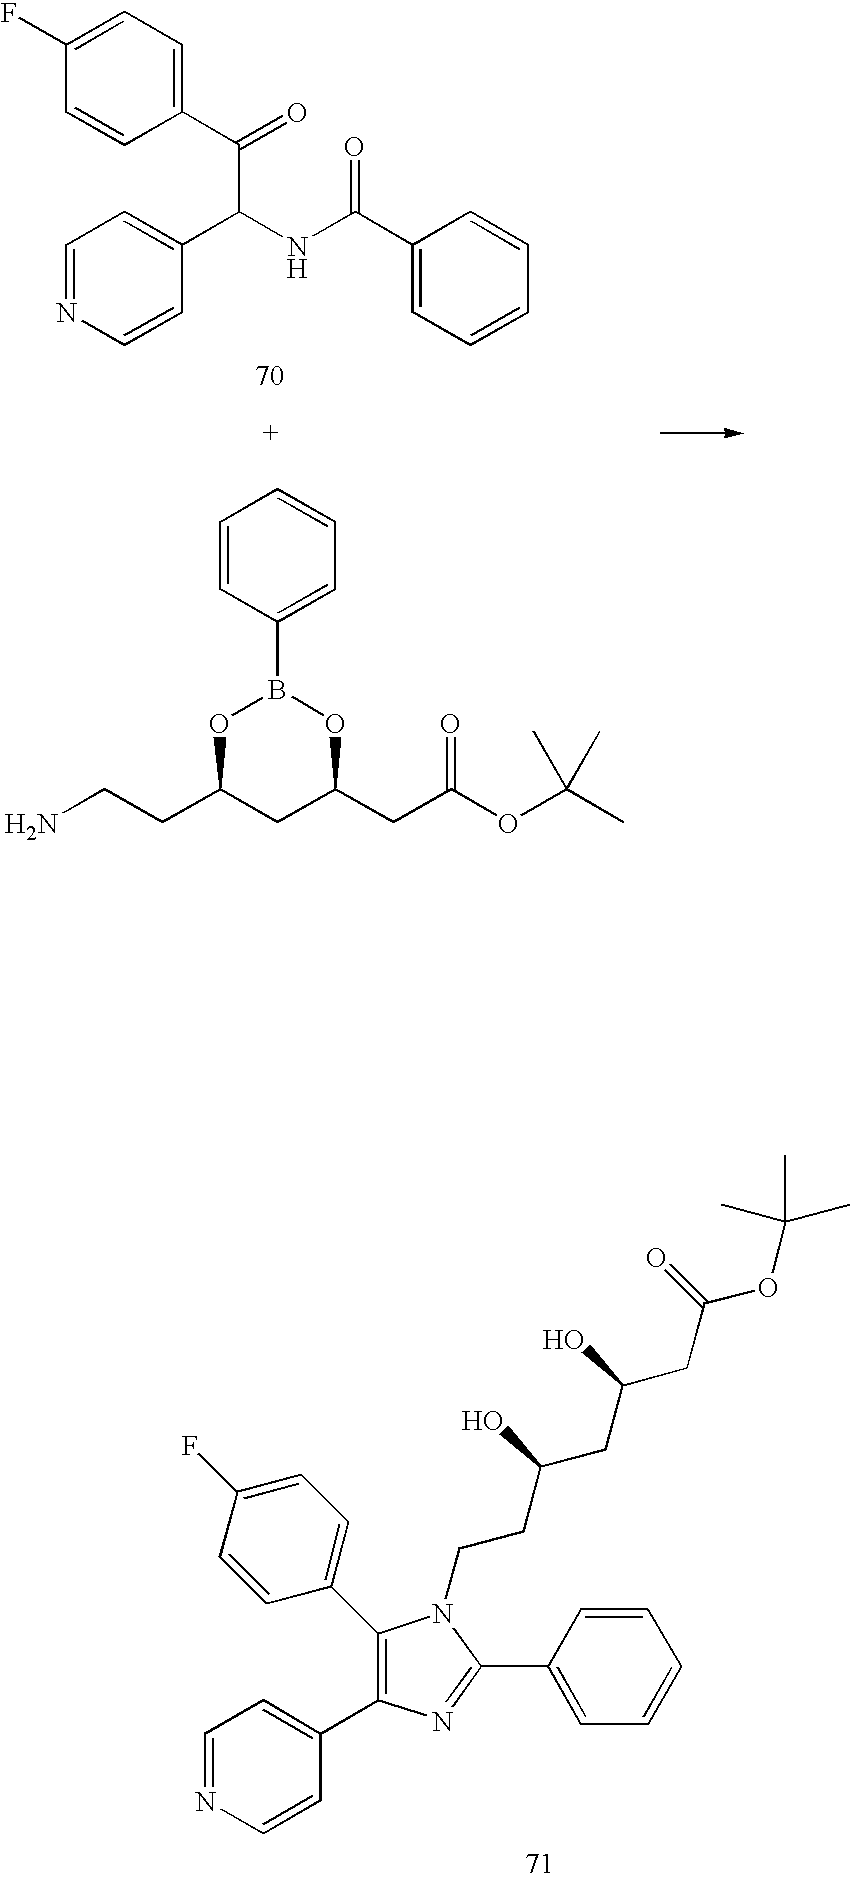 Figure US07183285-20070227-C00198